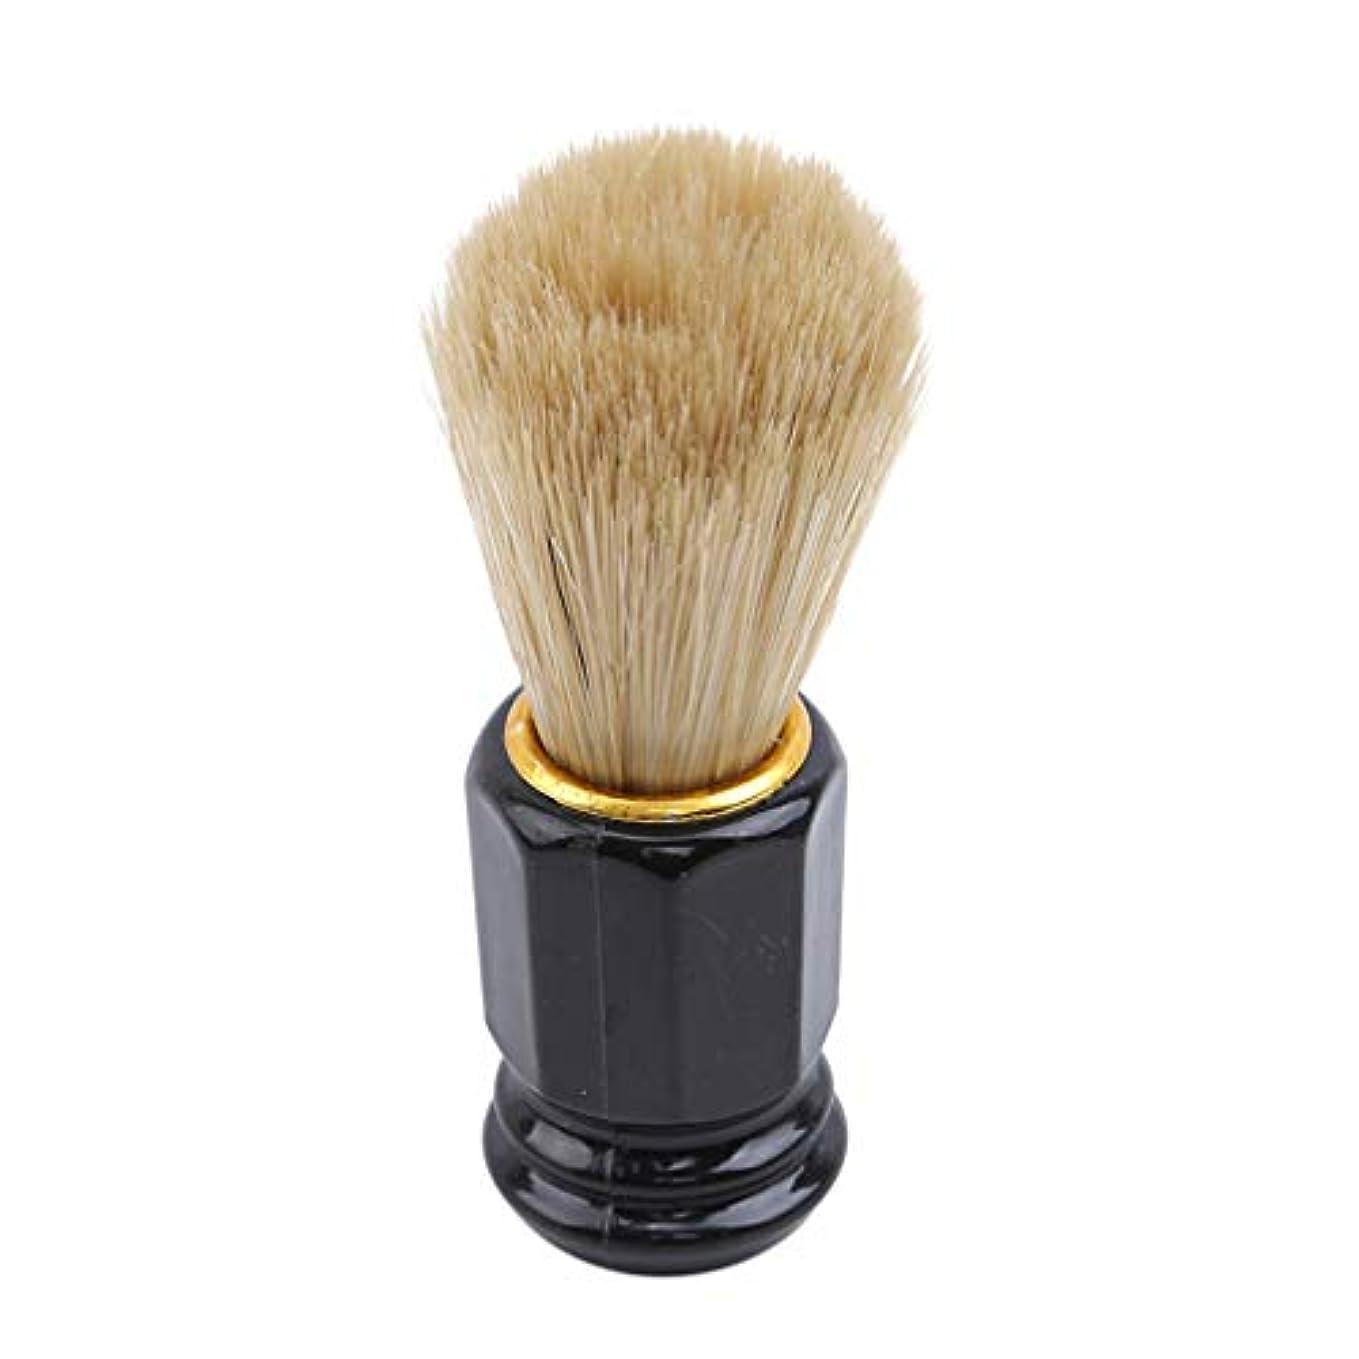 温かいチチカカ湖論争火の色 ひげブラシ シェービングブラシ 美容ツール 理容 洗顔 髭剃り 泡立ち 男性